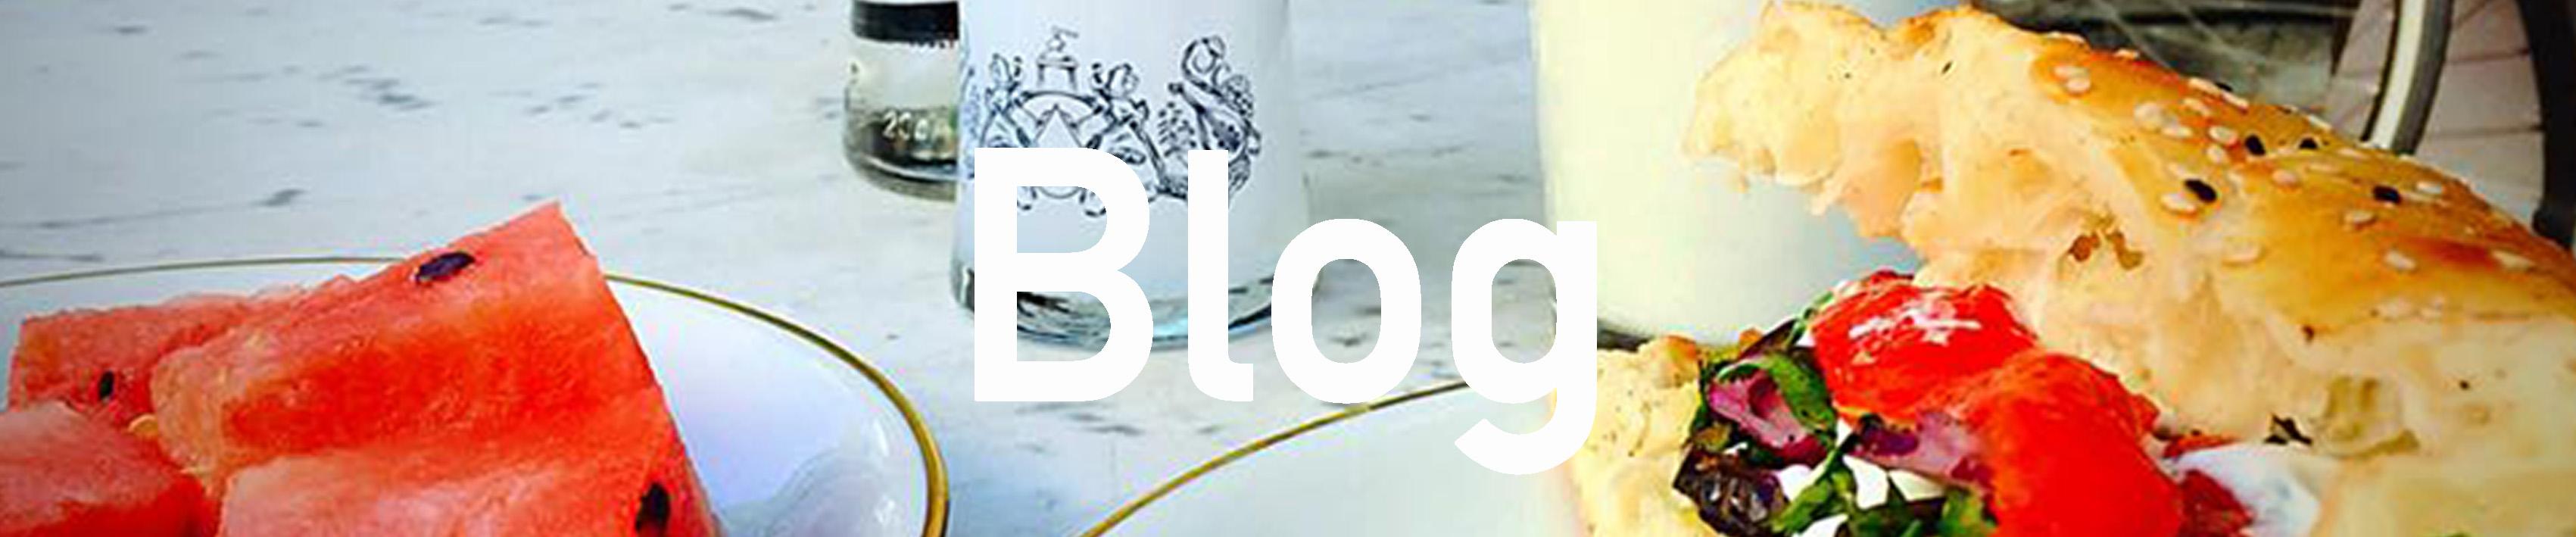 blogslider-moii-b-6